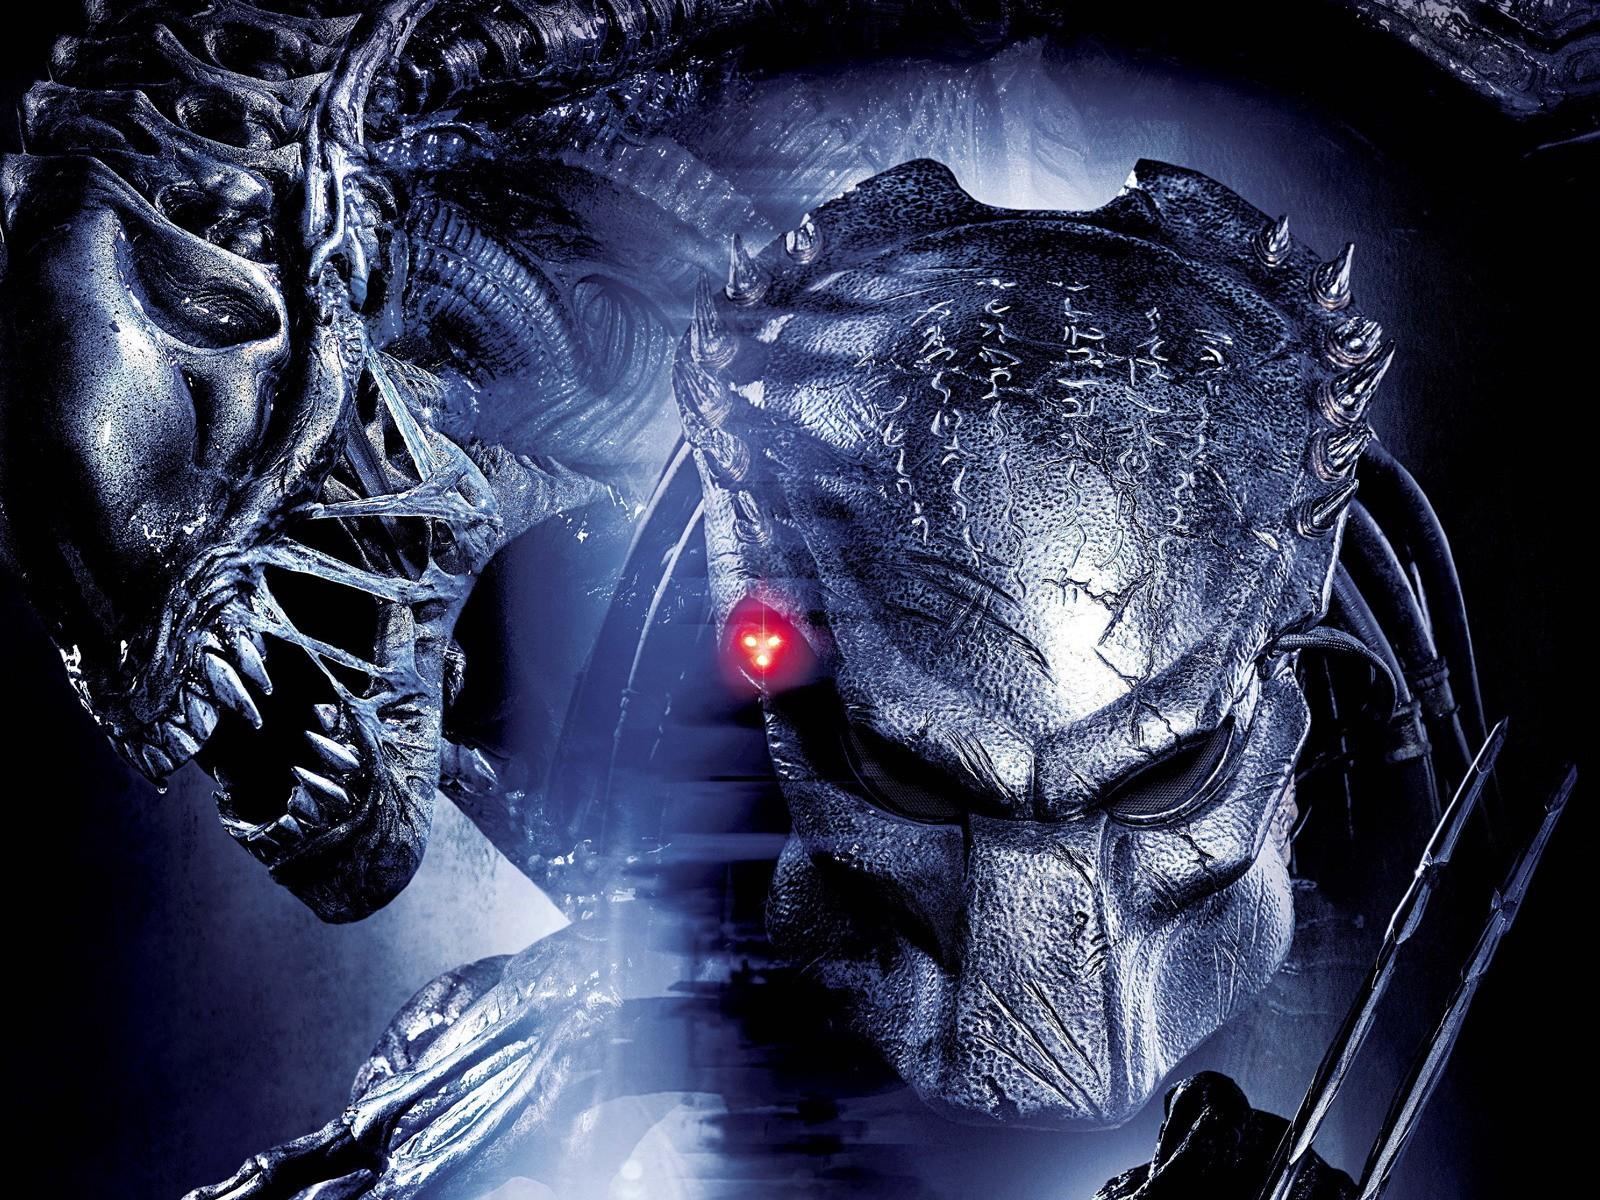 AVP: Alien vs Predator - film 2004 - AlloCin